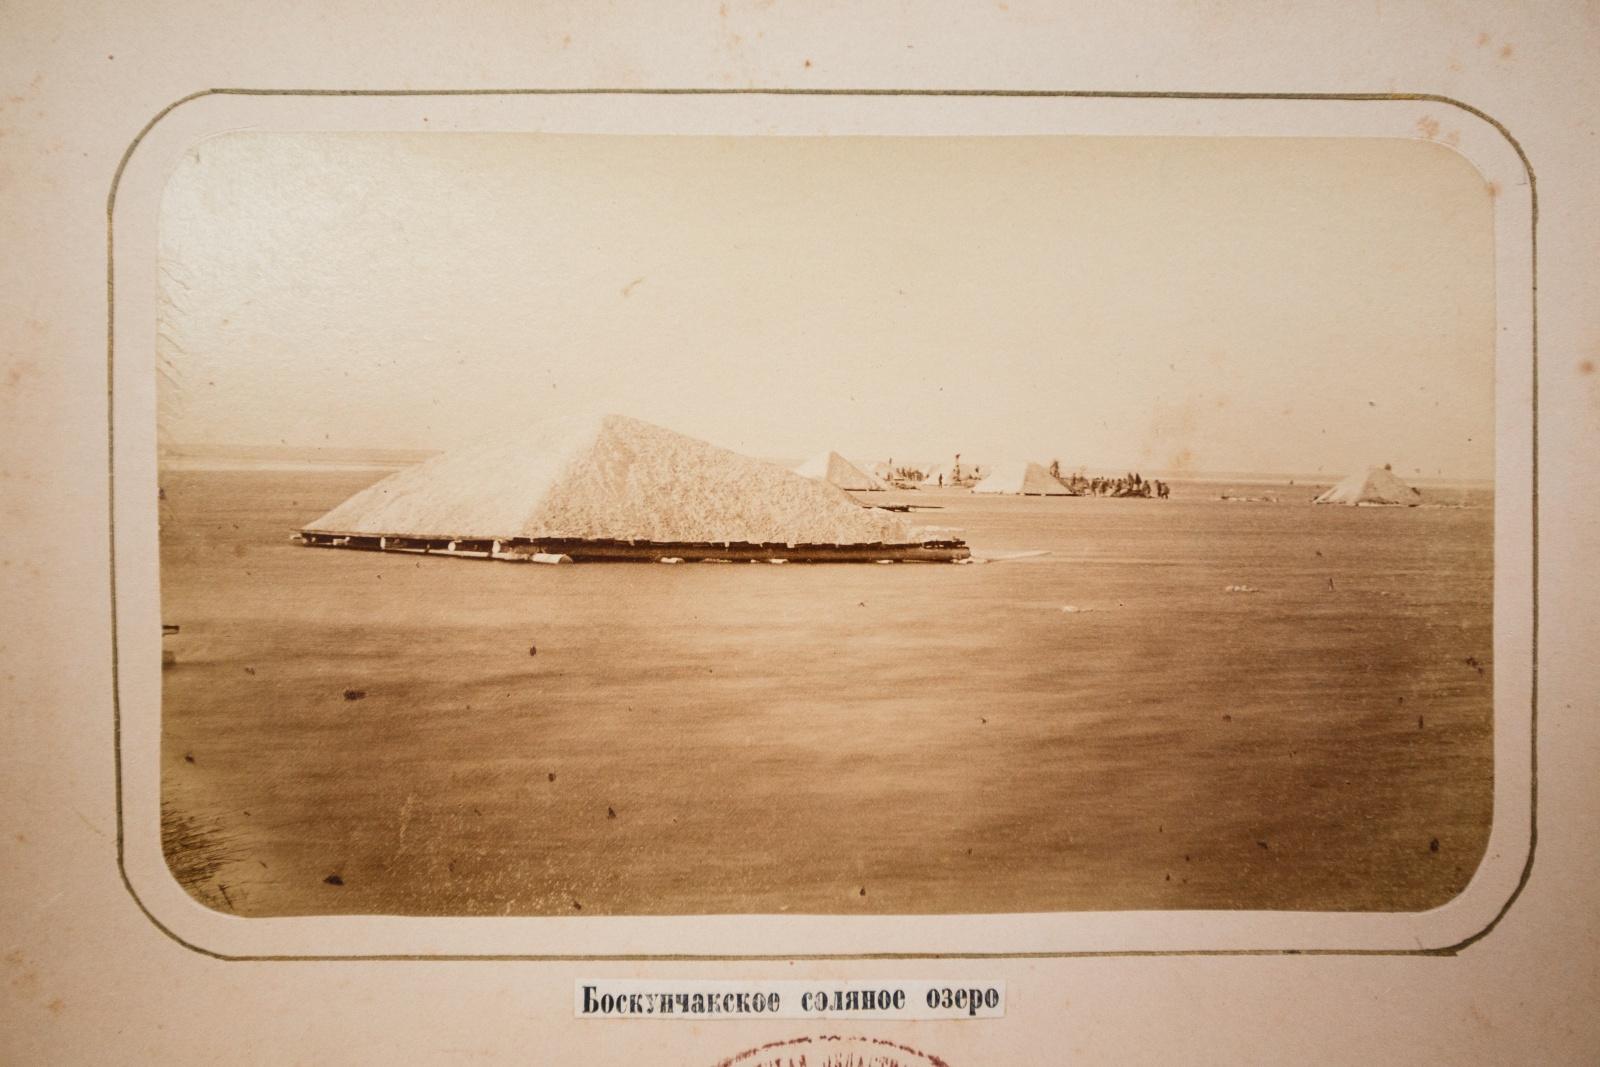 Боскунчакское соляное озеро